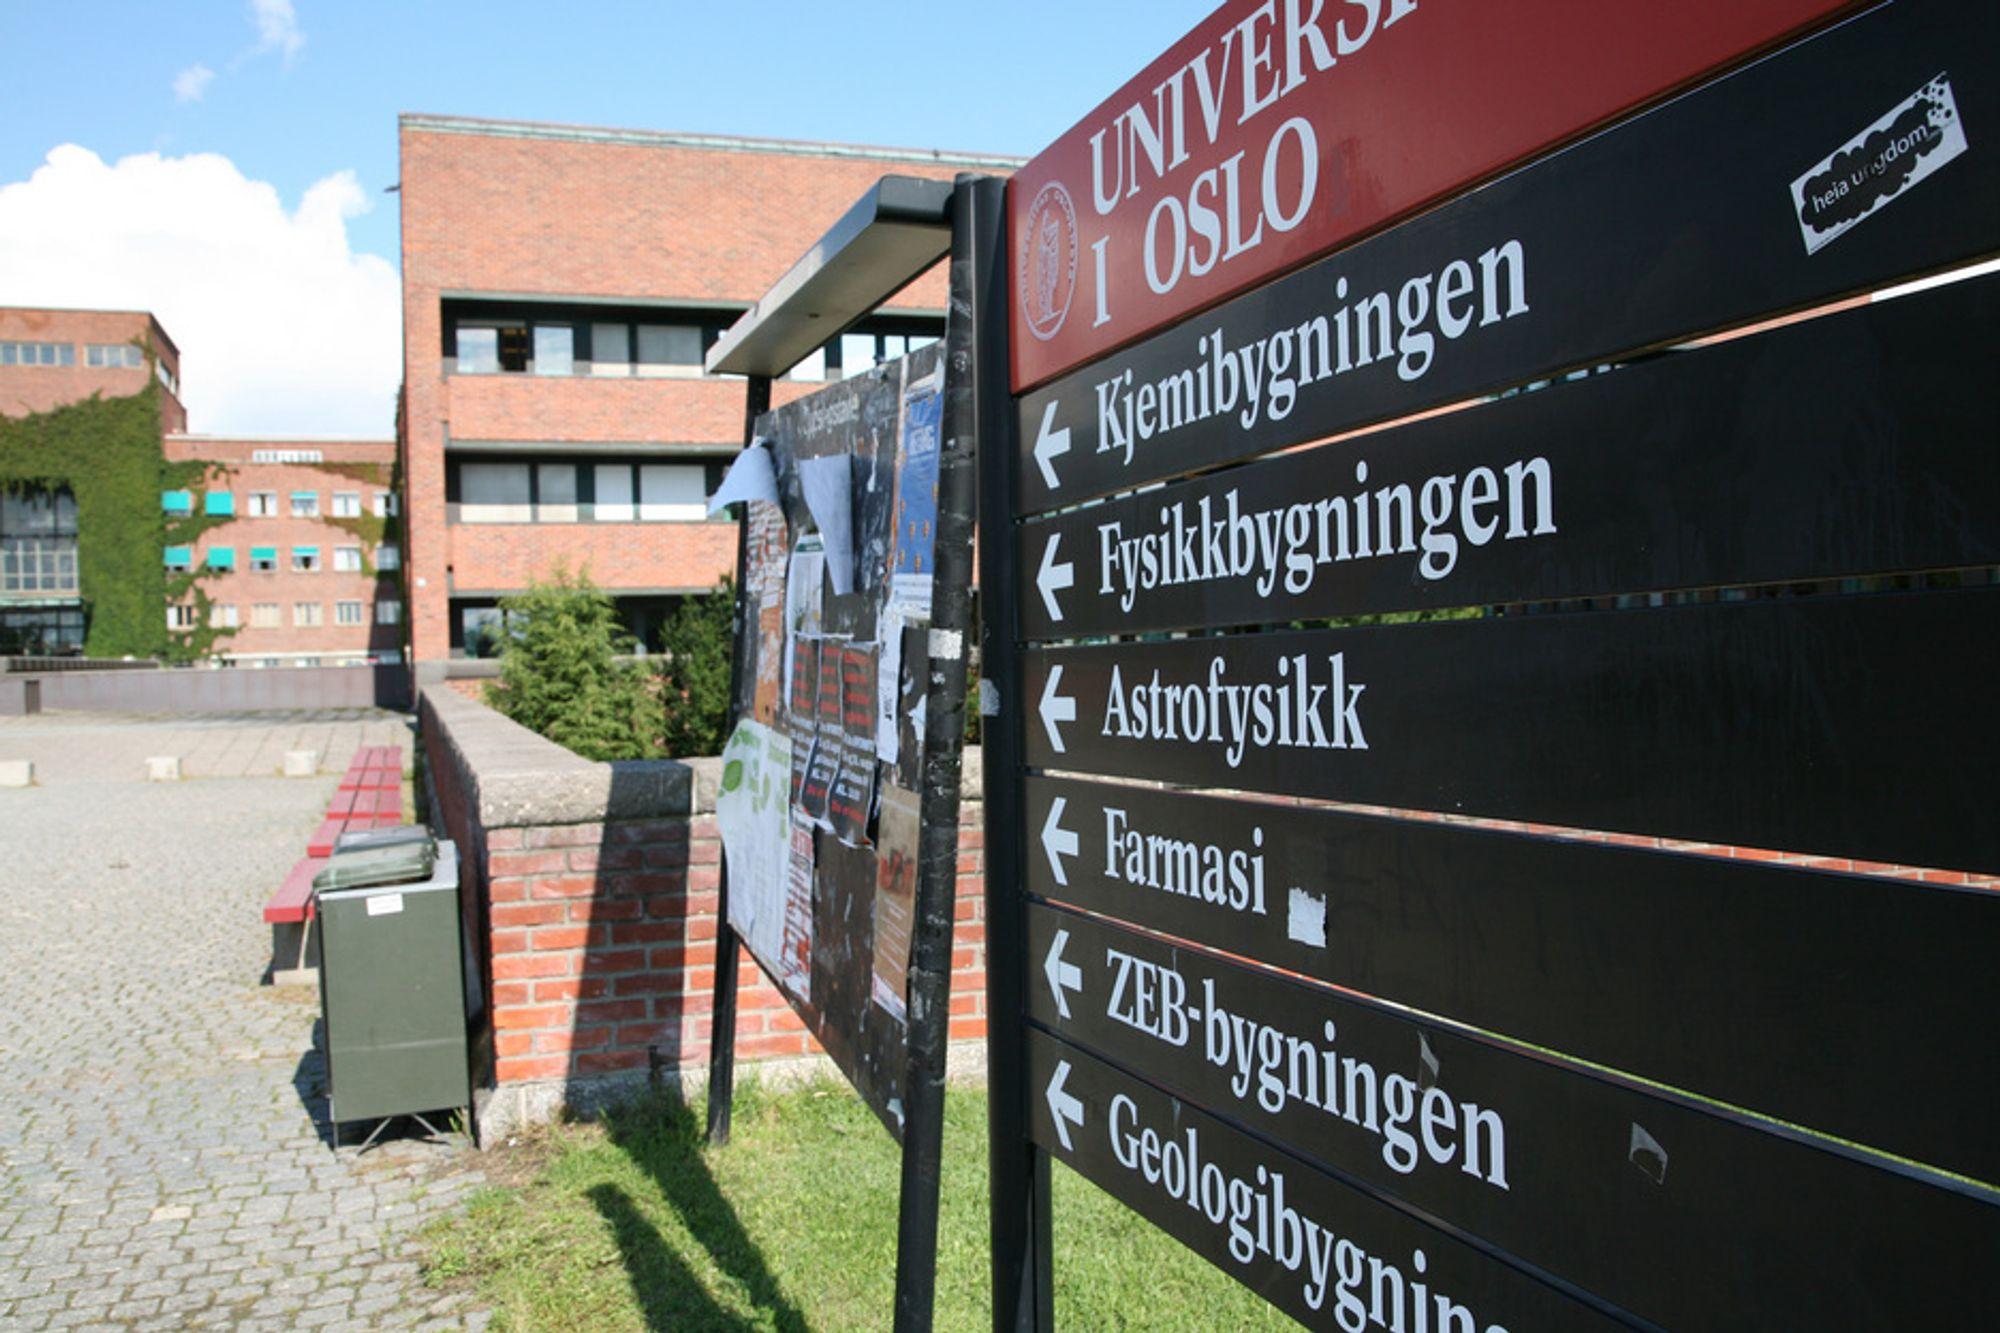 NYTT: Ved Universitetet i Oslo kan du fra høsten studere Europas religiøse røtter.